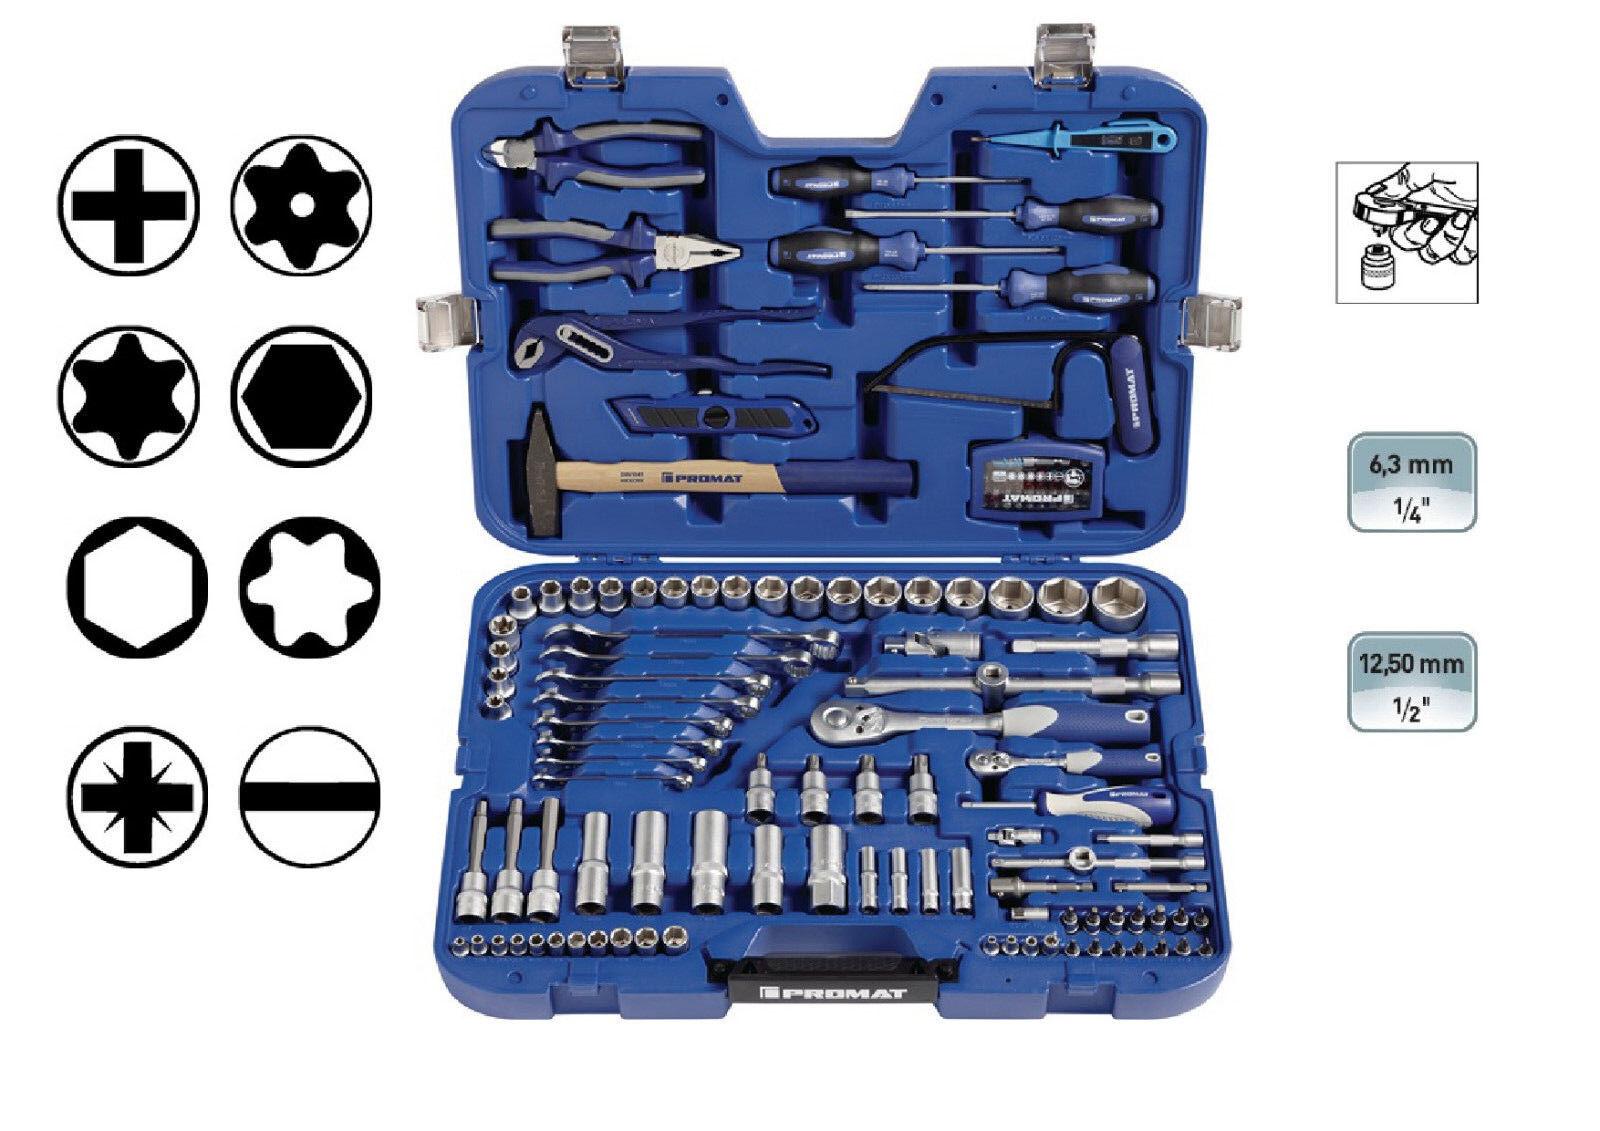 720 Modellbau Edelstahl Schrauben Muttern Set M2-M4 Niro